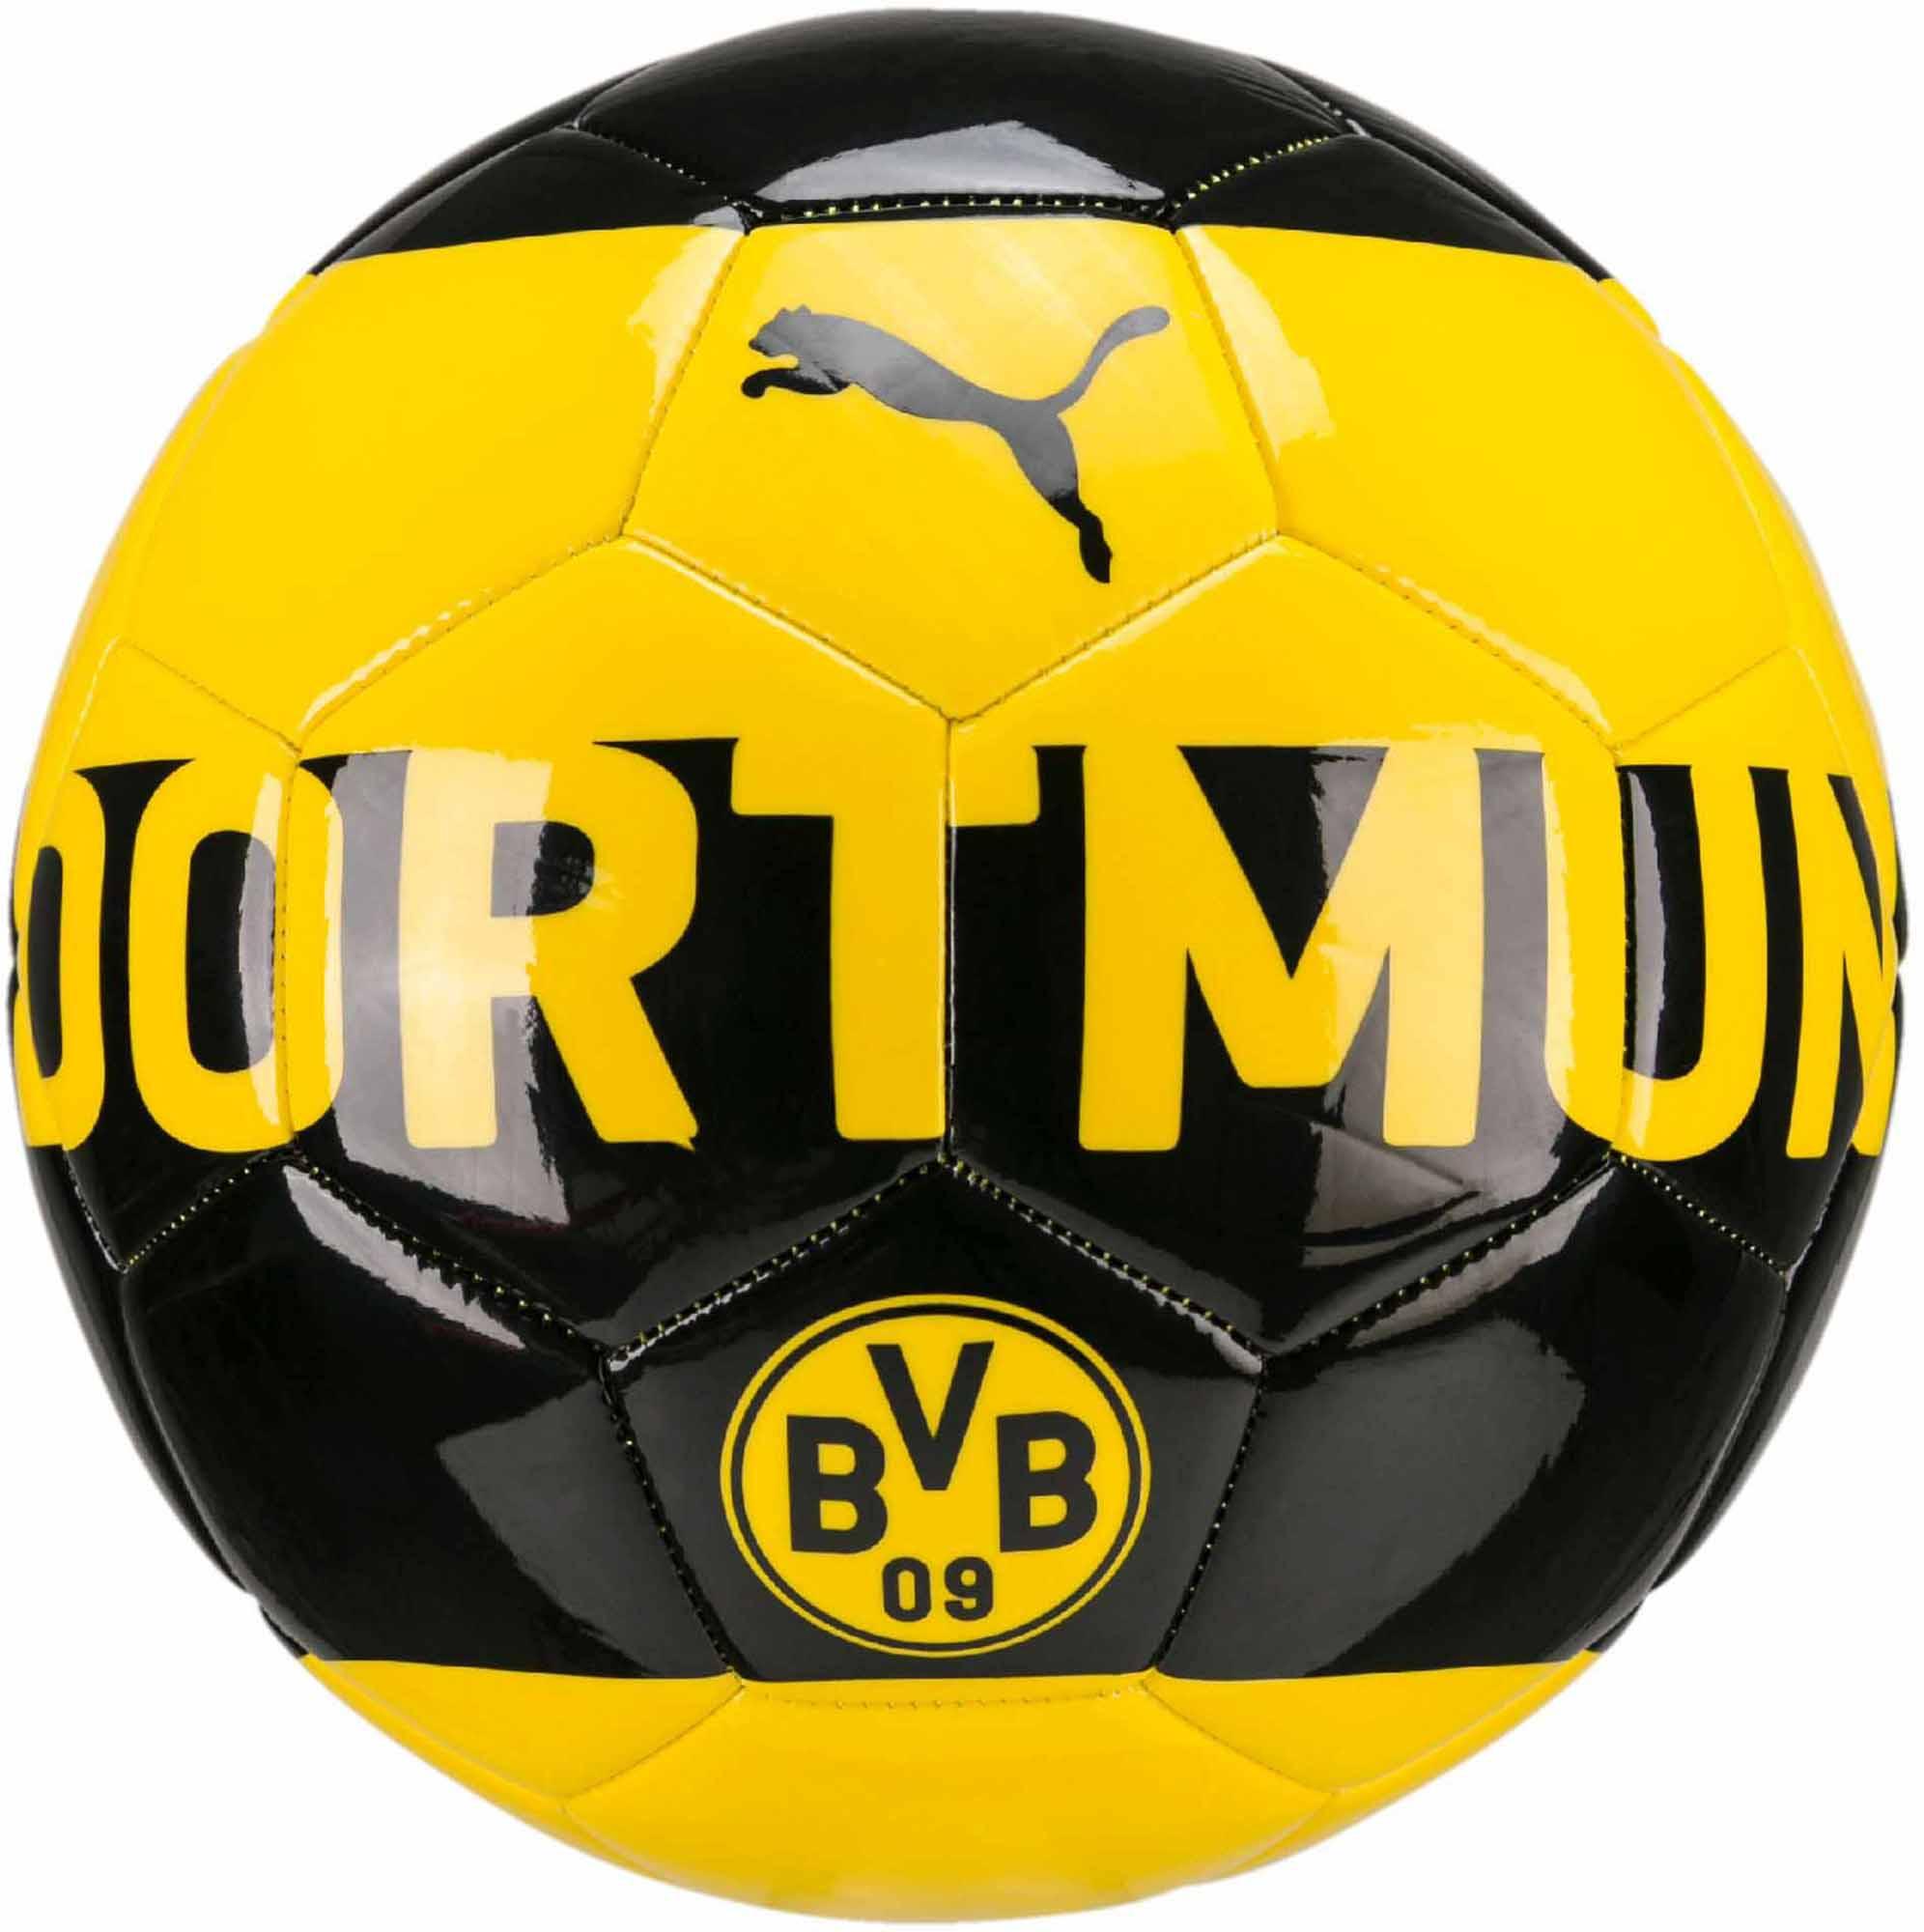 Puma Borussia Dortmund Soccer Ball - Cyber Yellow   Black - Soccer ... adf017219b